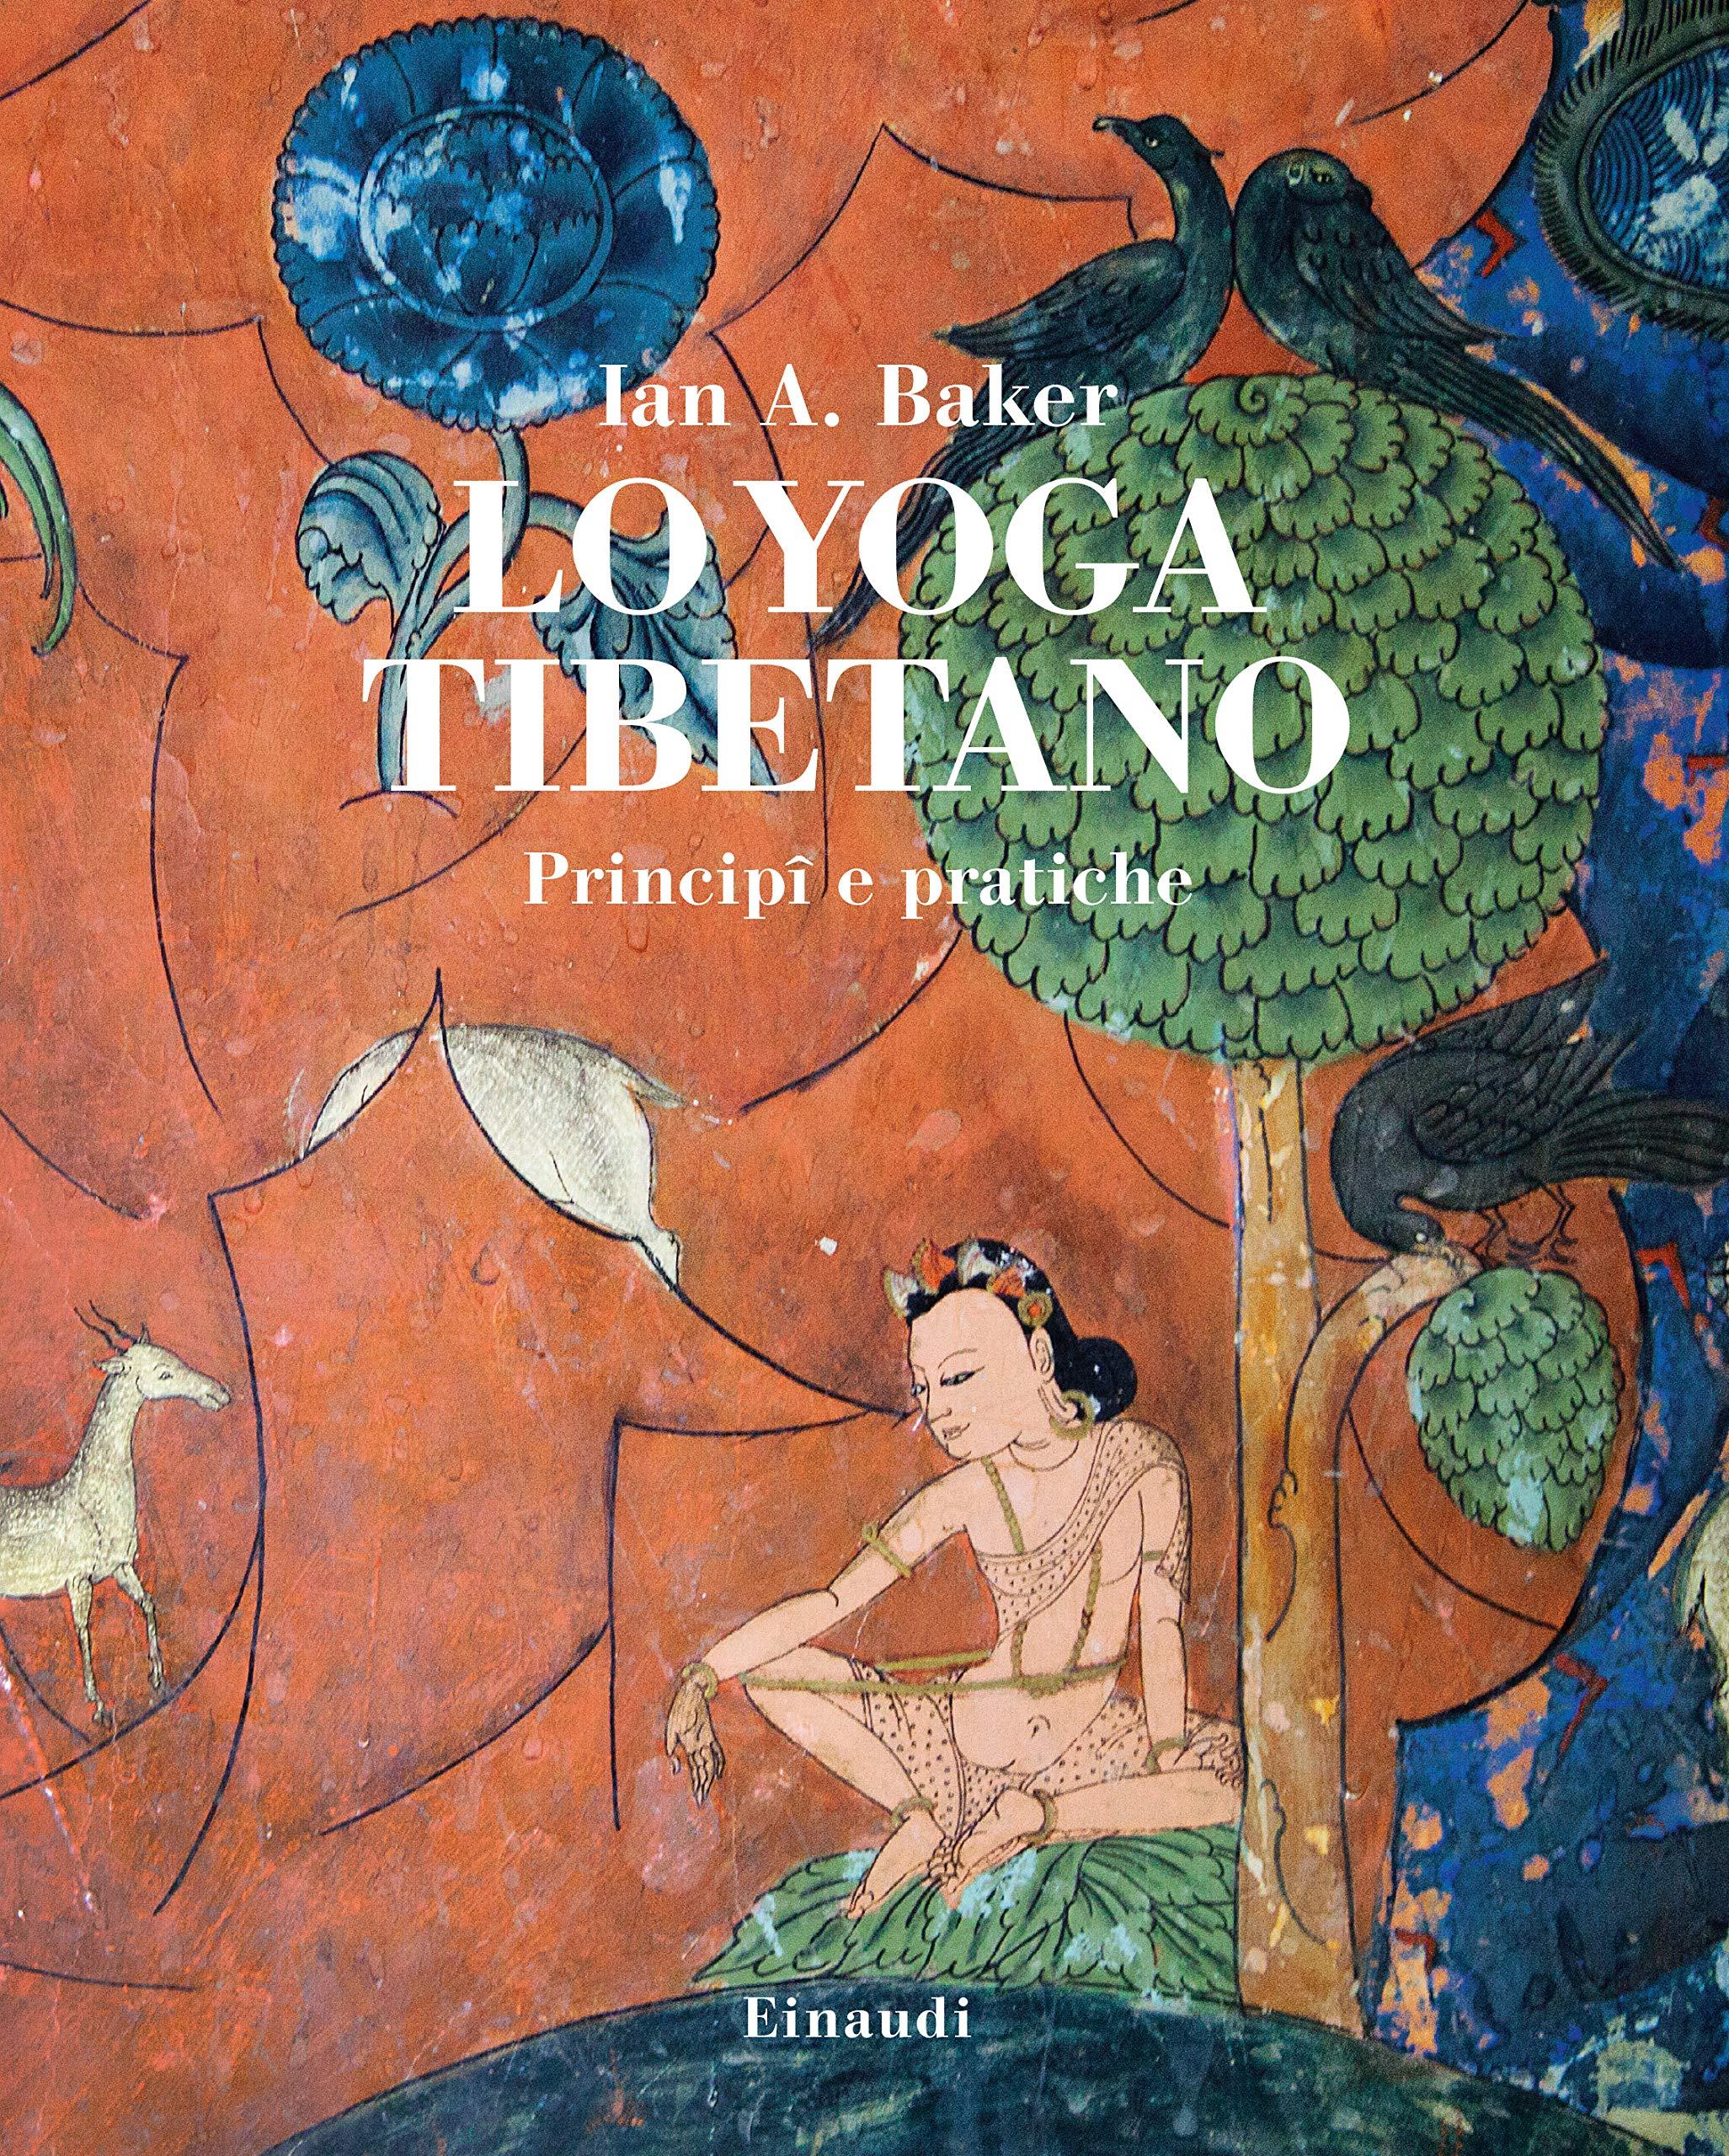 Lo yoga tibetano. Principi e pratiche (Saggi): Amazon.es ...